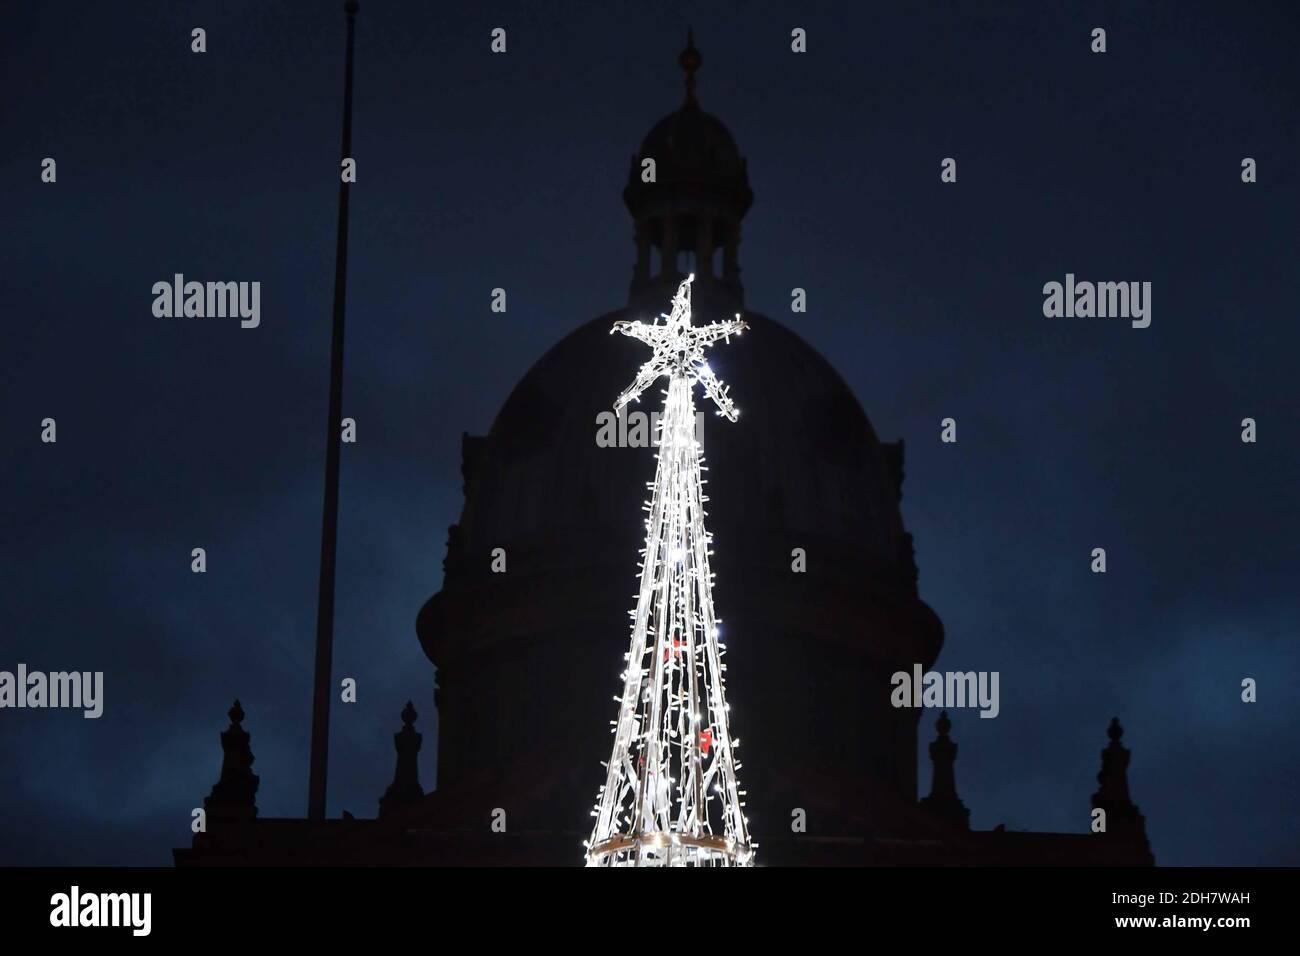 Las luces navideñas de Birmingham se encienden para la próxima temporada festiva en New Street y Victoria Square, el jueves 12 de noviembre de 2020. Foto de stock